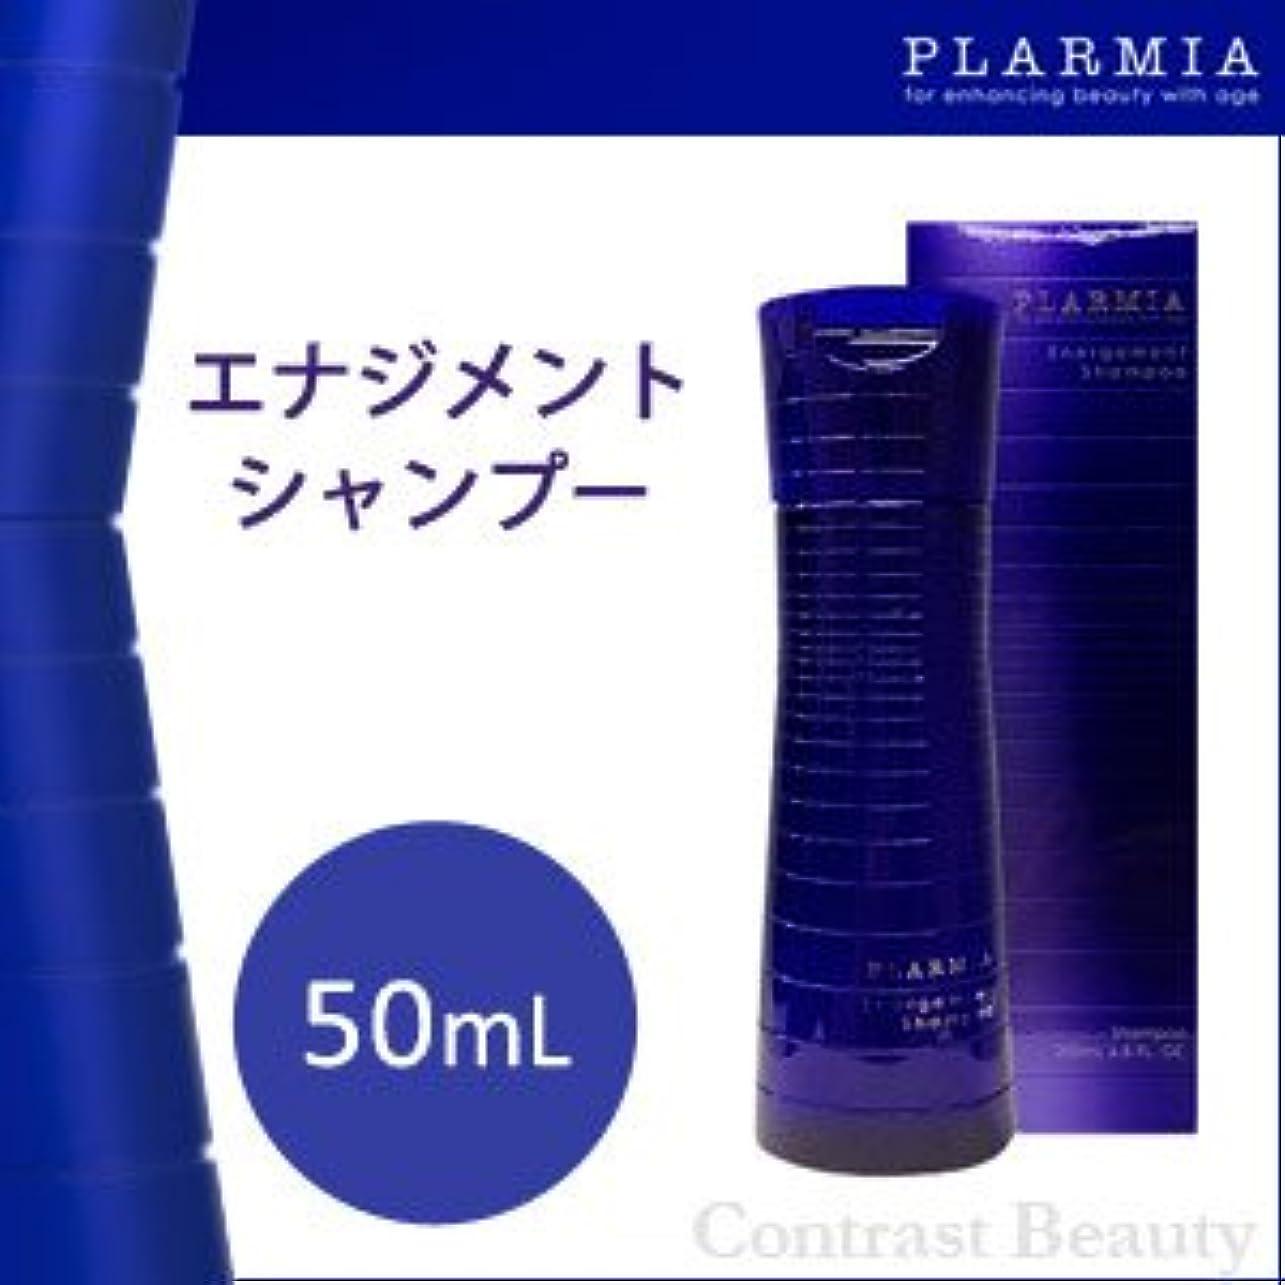 悪用近々謝罪【X2個セット】 ミルボン プラーミア エナジメントシャンプー 50ml